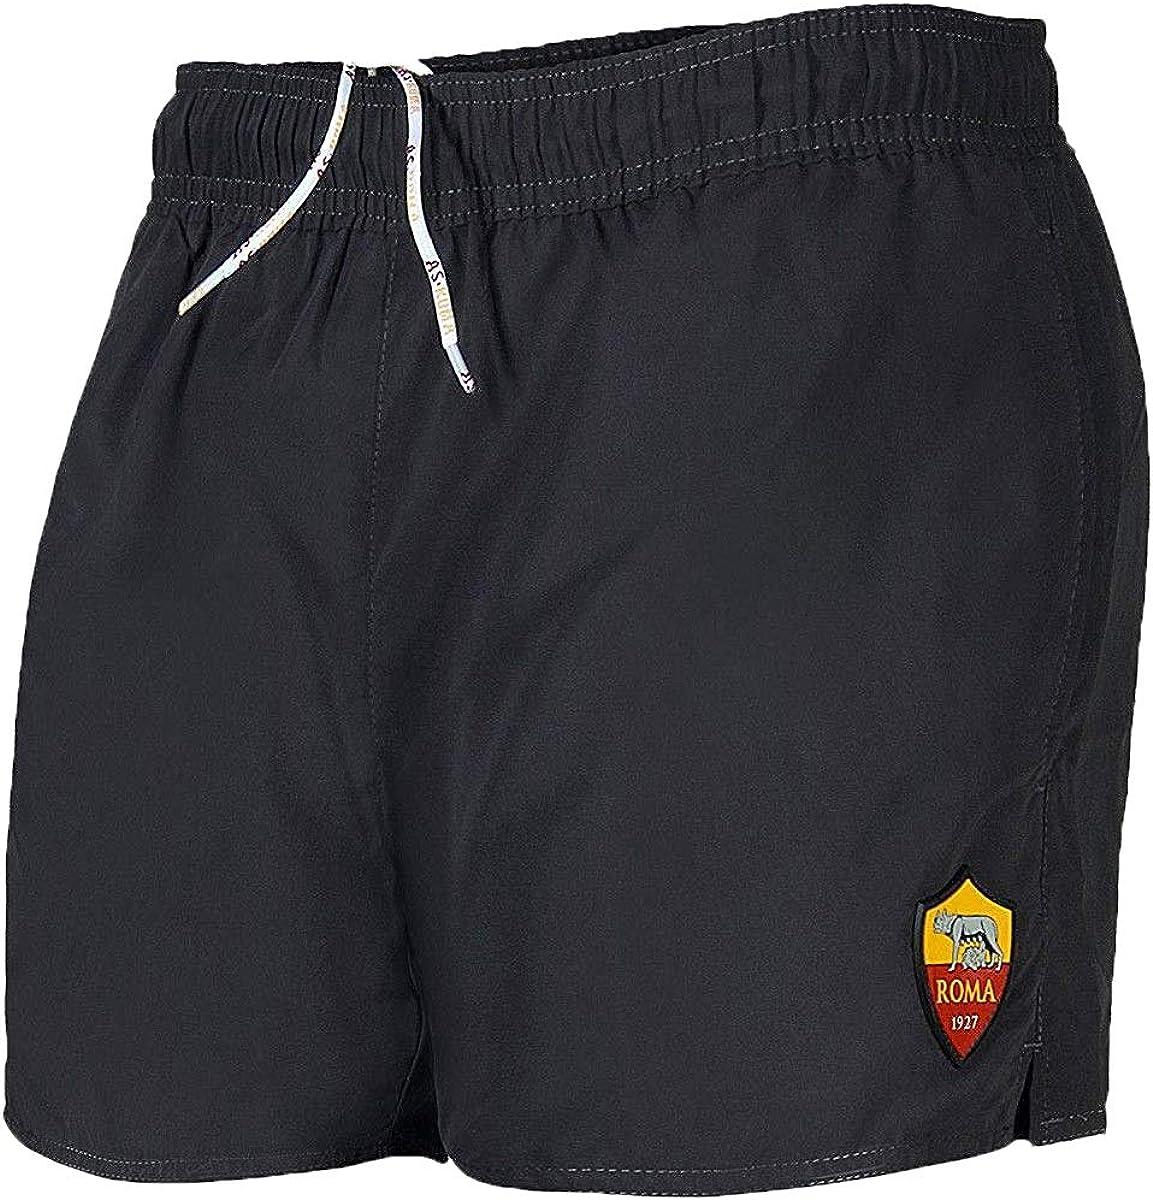 13118 AS Roma Costume Shorts in Nylon Bambino Prodotto Ufficiale Art